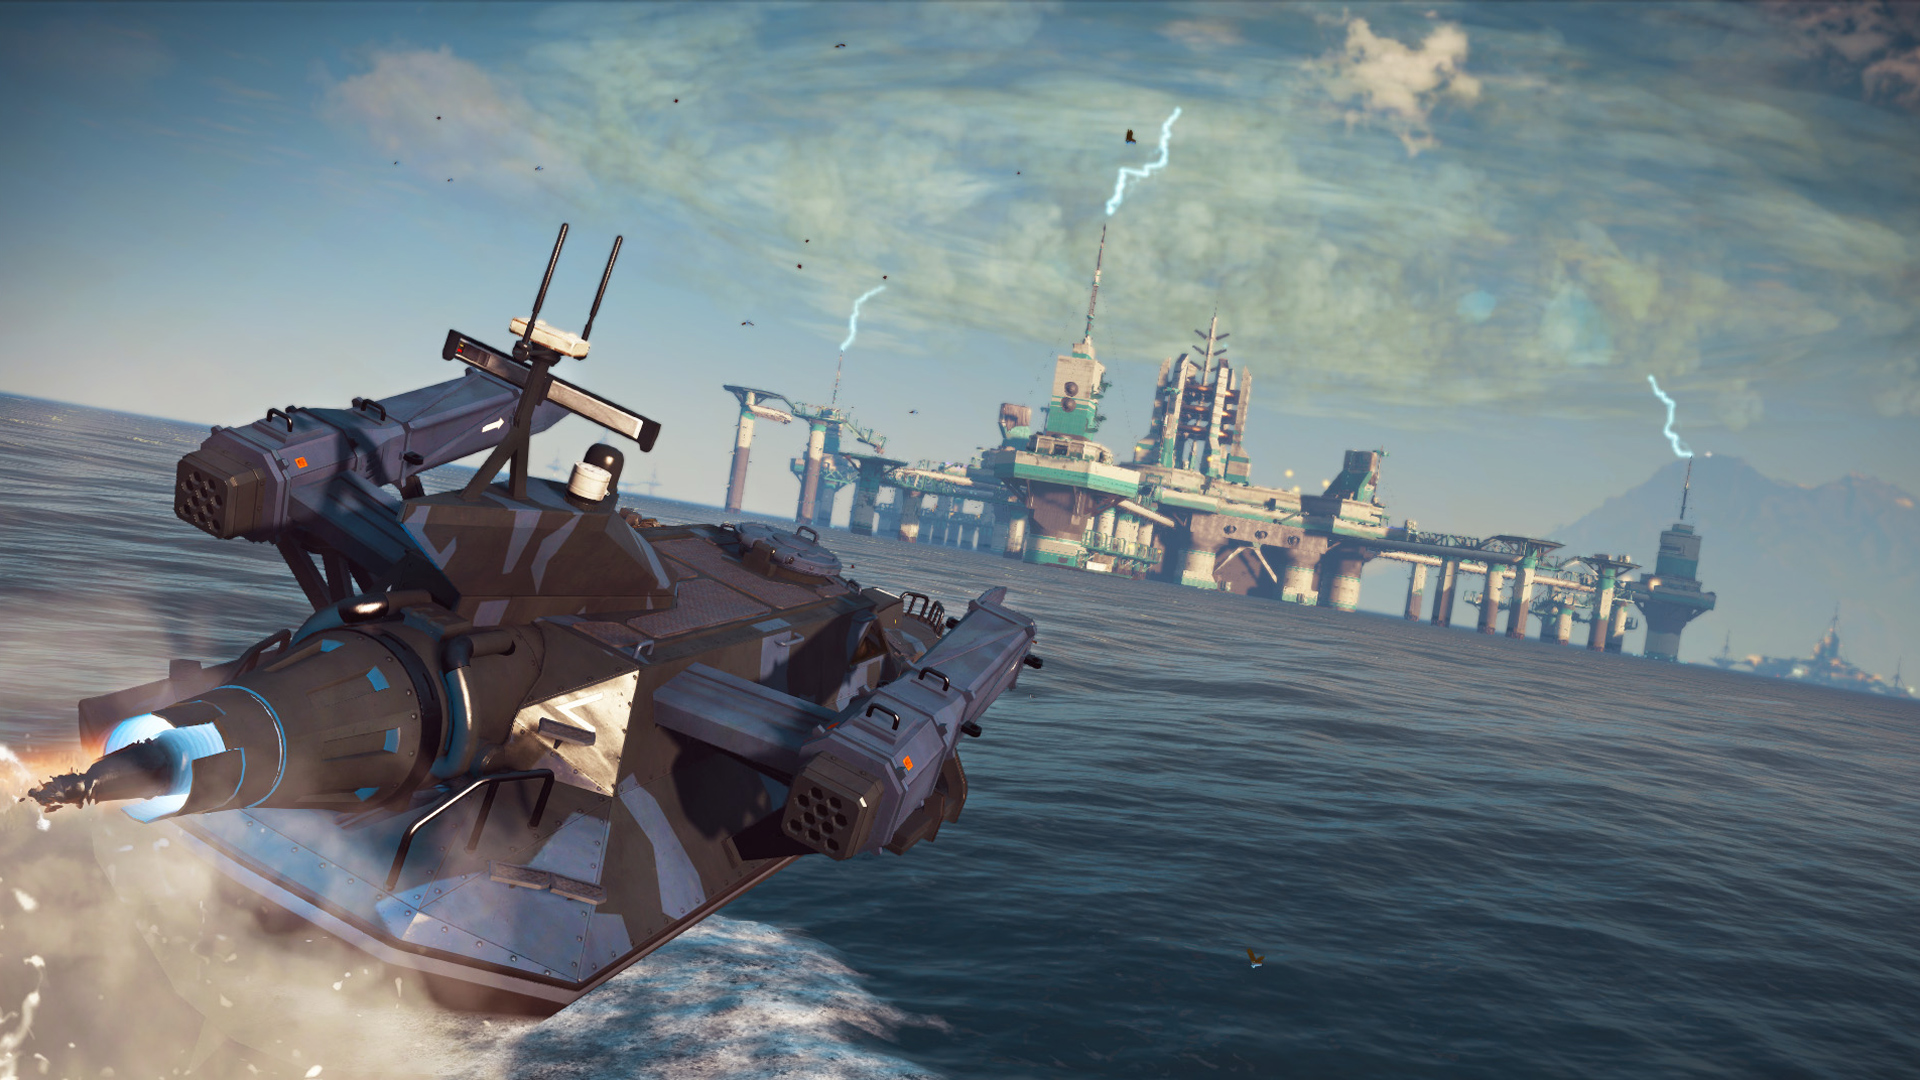 Ozbrojená loď z Bavarium Sea Heist DLC pro Just Cause 3 se předvádí ve videu 128584